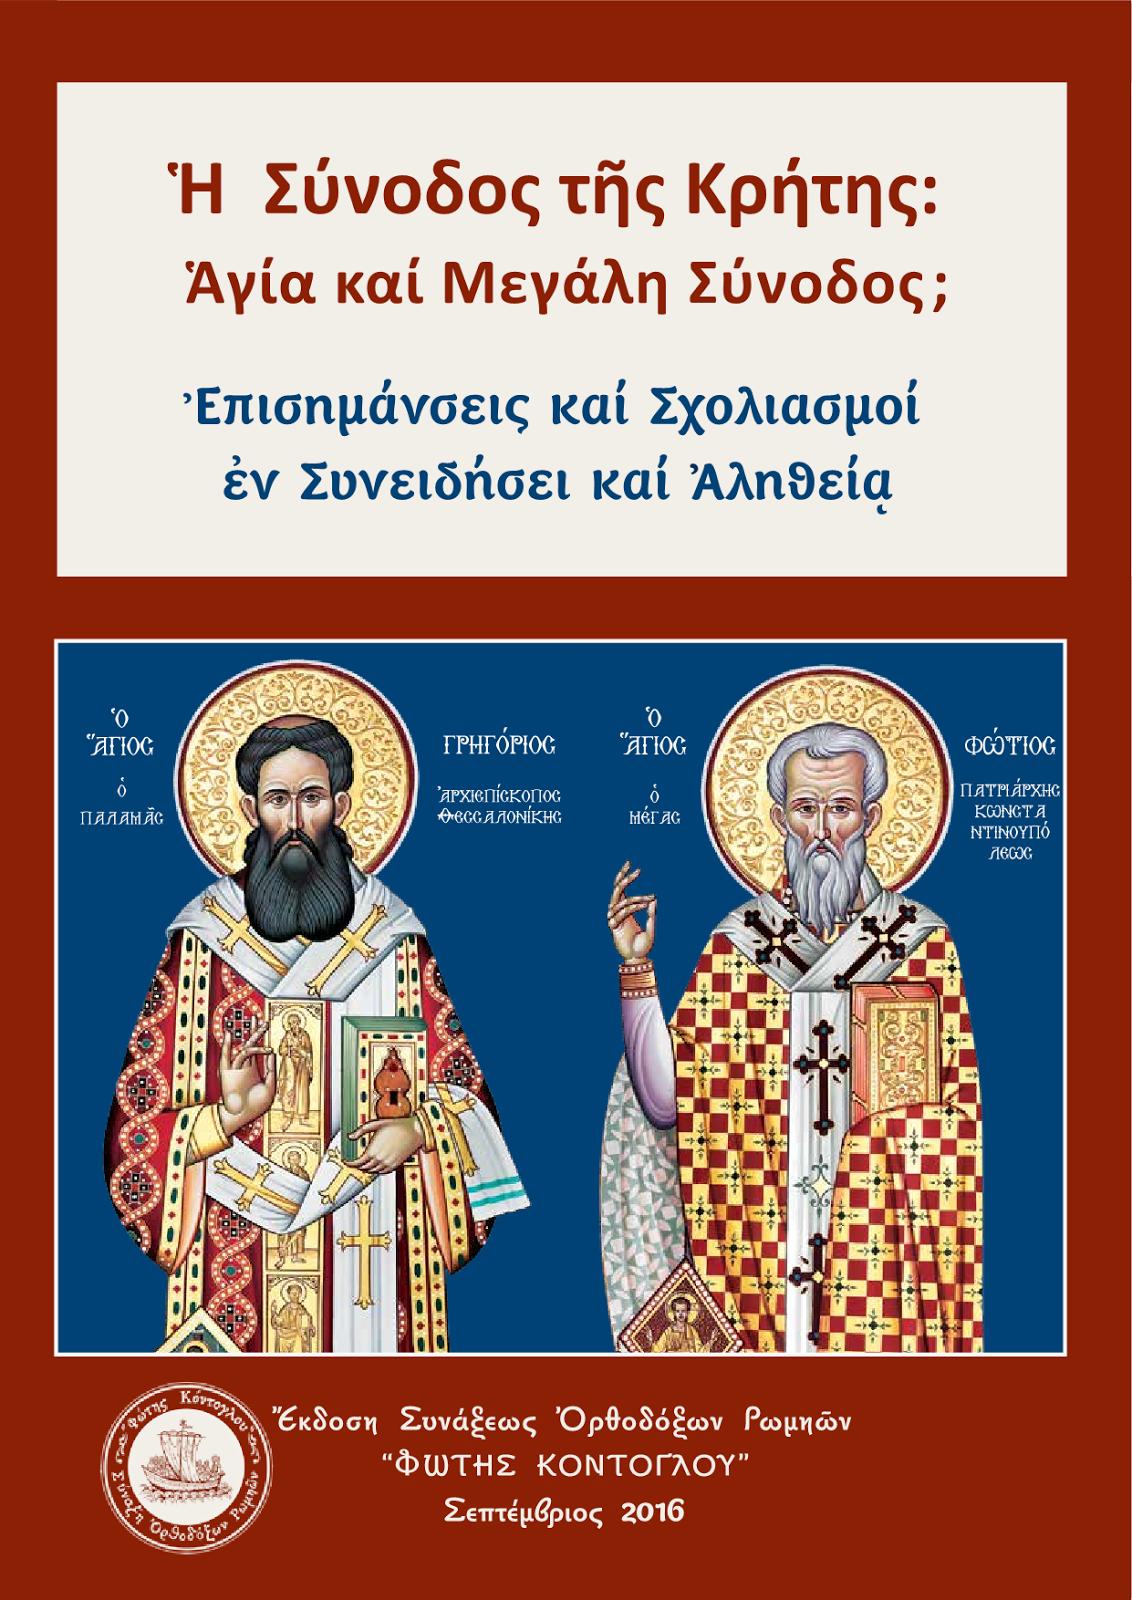 Ἡ Σύνοδος τῆς Κρήτης: Ἁγία καί Μεγάλη Σύνοδος ;